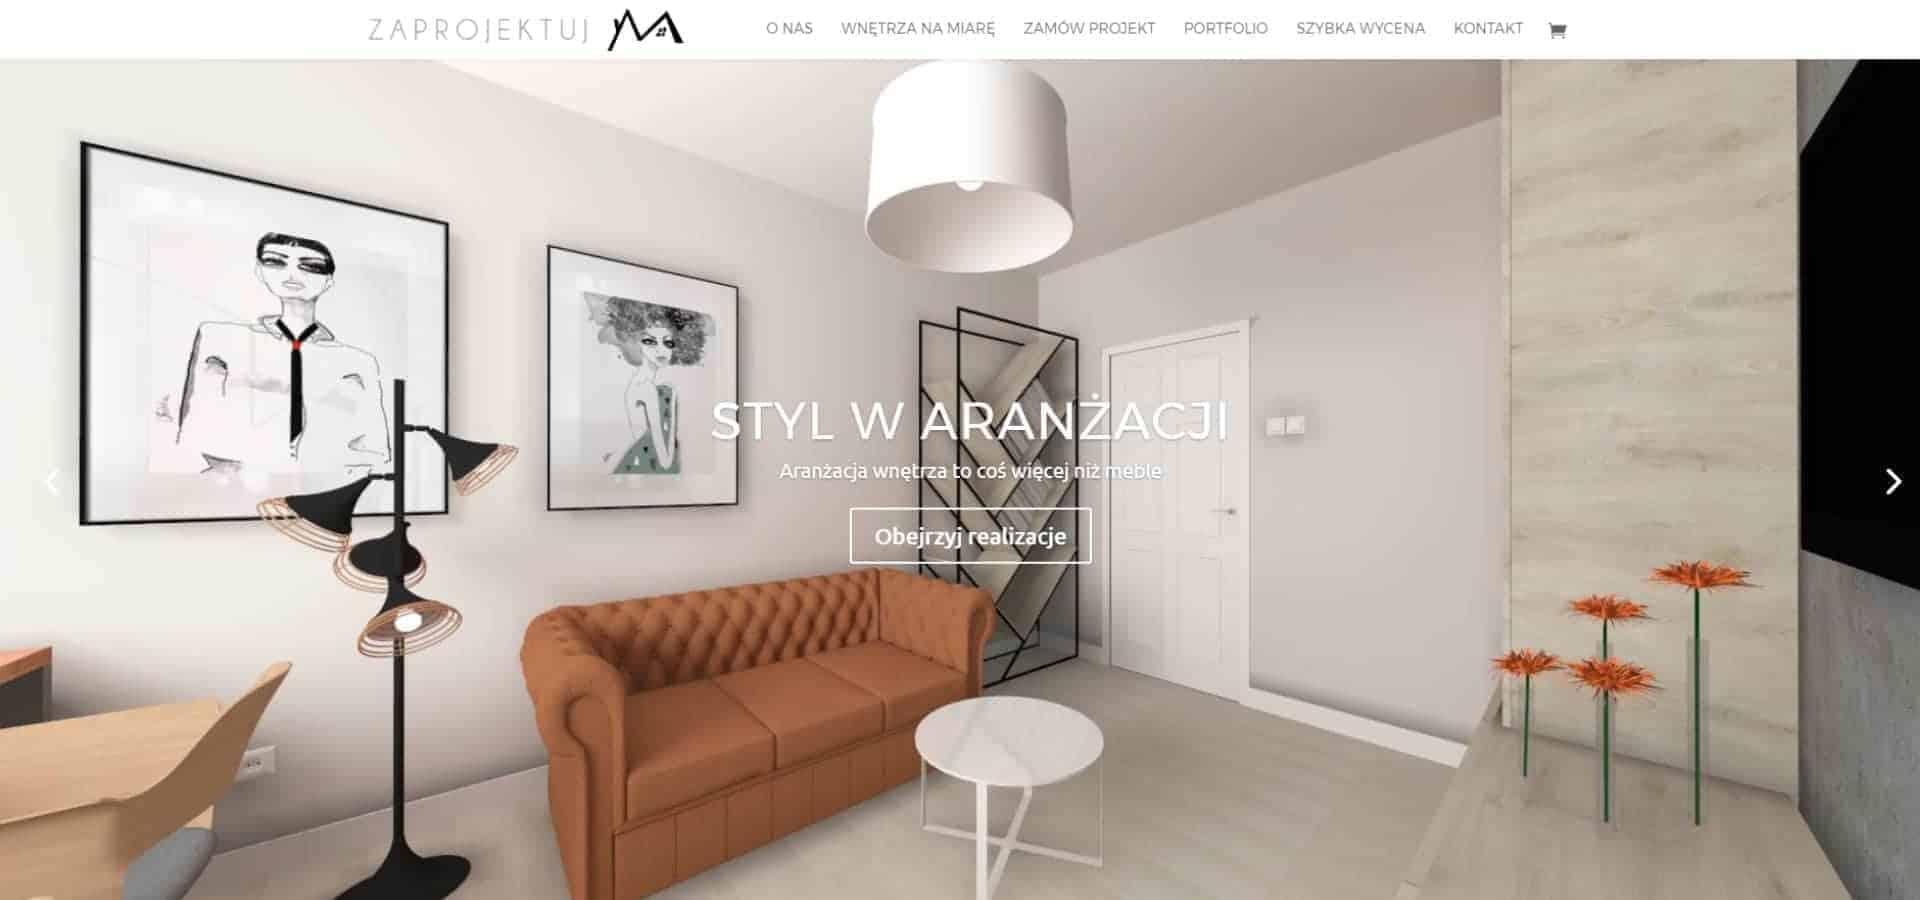 Portal z usługami projektowania wnętrz - Zaprojektuj M - drugi slider